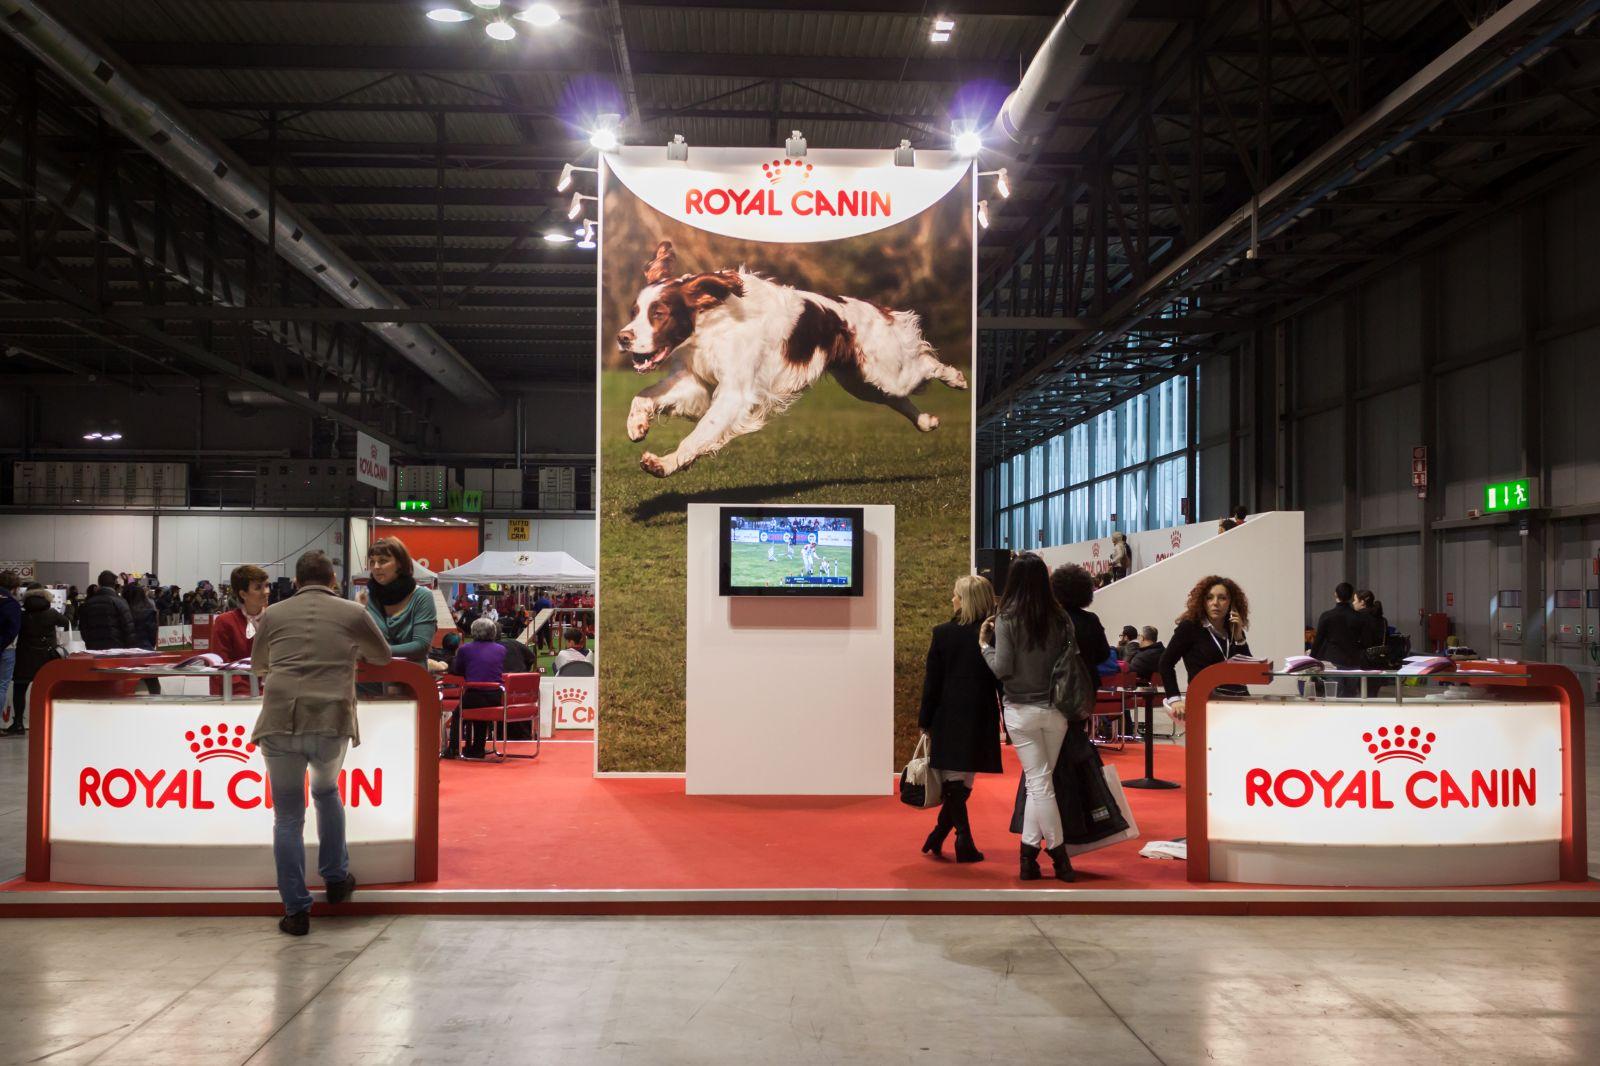 מתחם רויאל-קאנין בתערוכת כלבים בינלאומית באיטליה, 11.1.14 (צילום: שאטרסטוק)